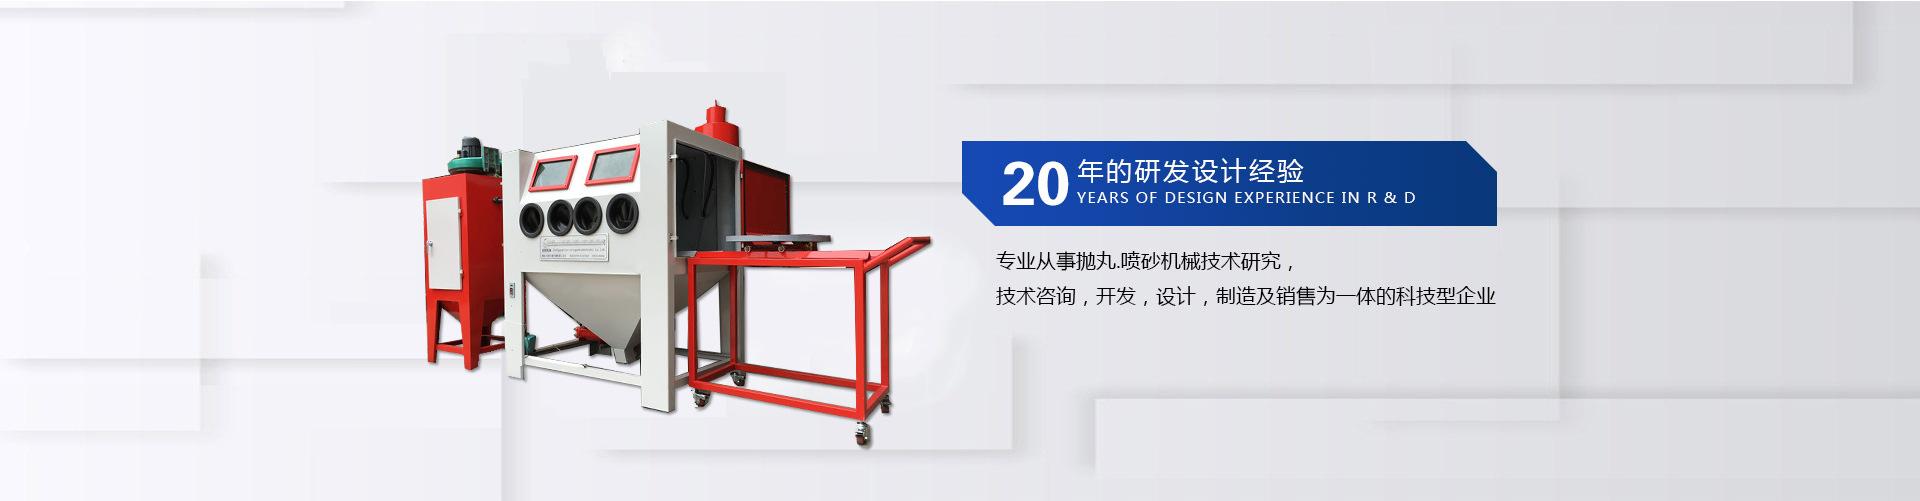 佛山凯科特自动化机械设备www.w88121.com企业形象图片